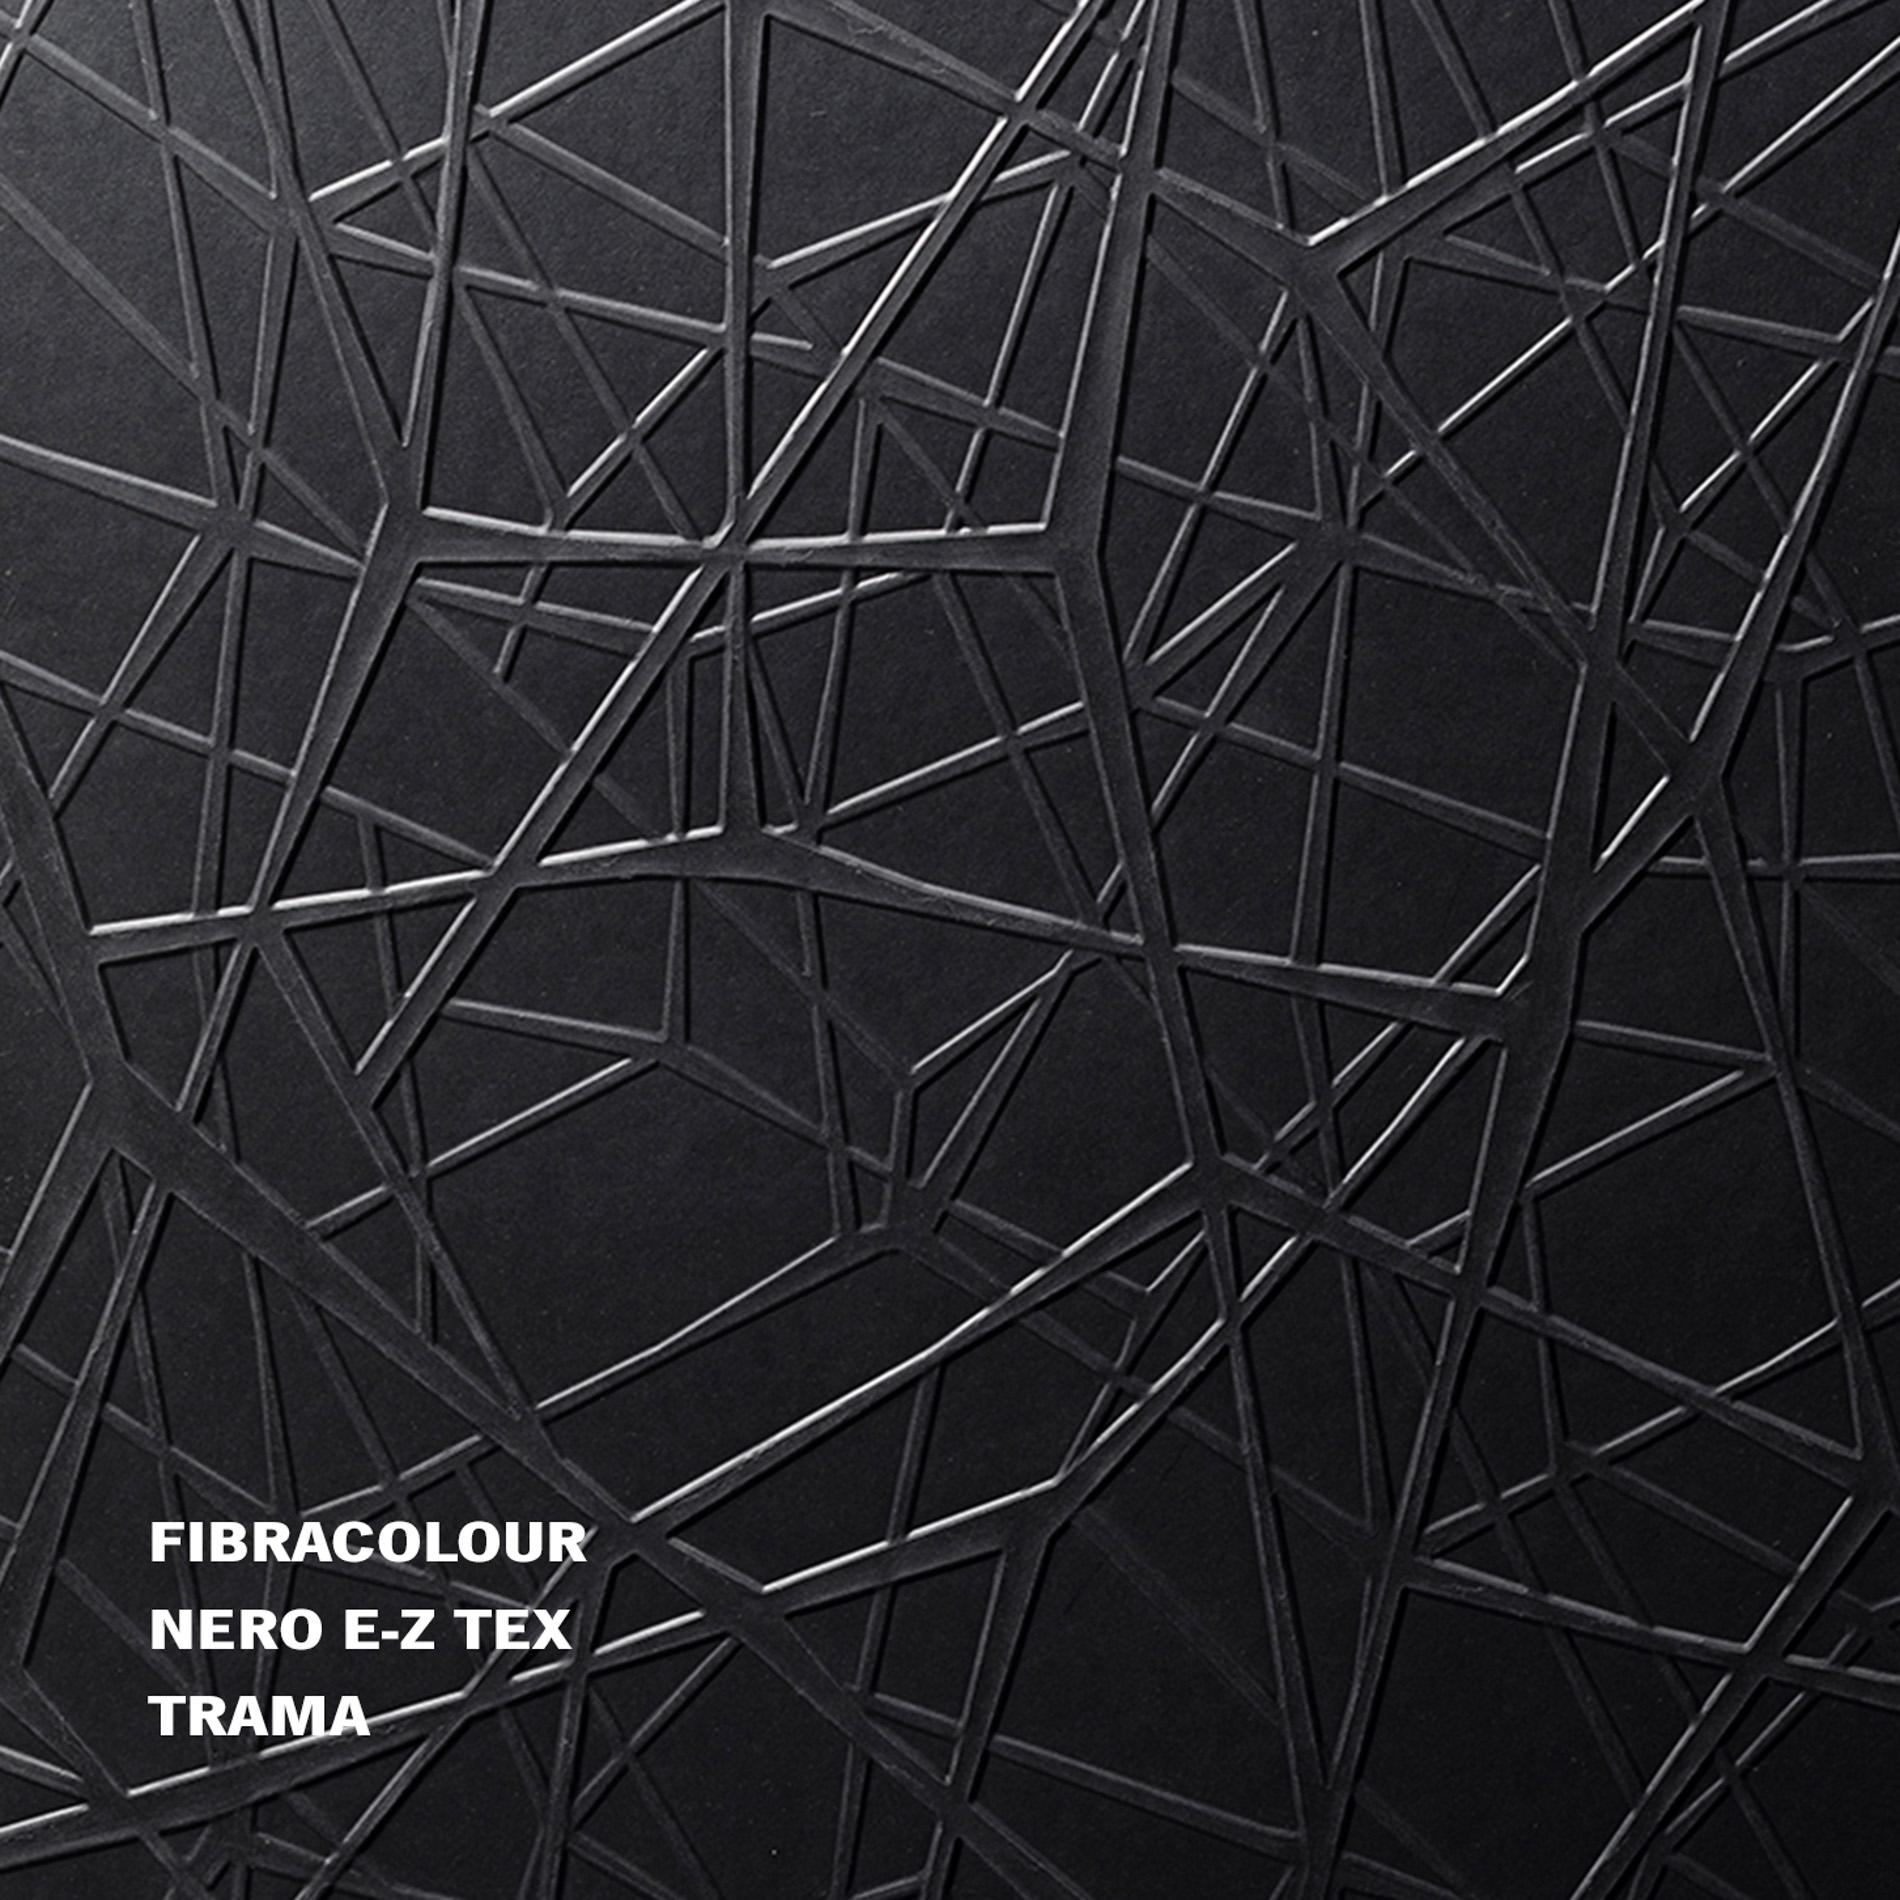 Fibracolor_TRAMA_2